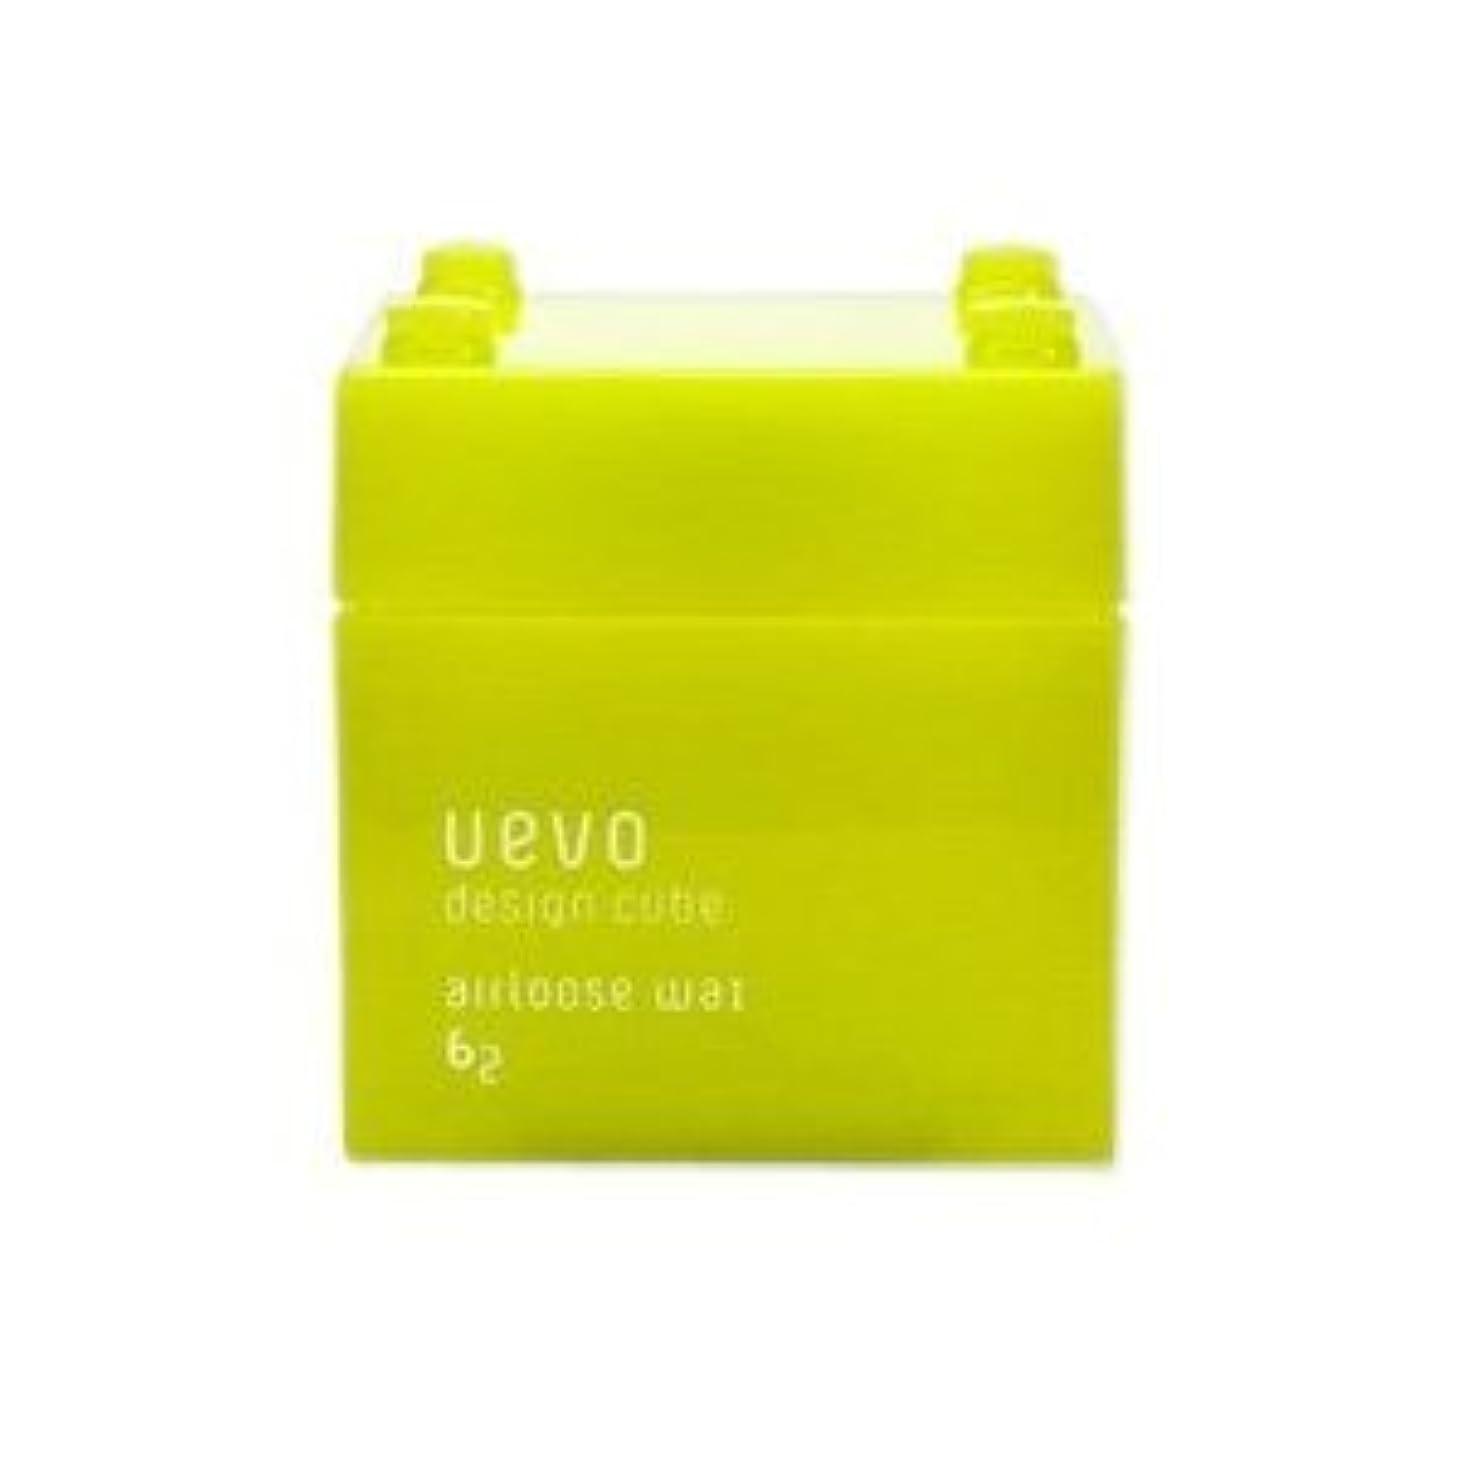 外側非アクティブメジャー【X2個セット】 デミ ウェーボ デザインキューブ エアルーズワックス 80g airloose wax DEMI uevo design cube